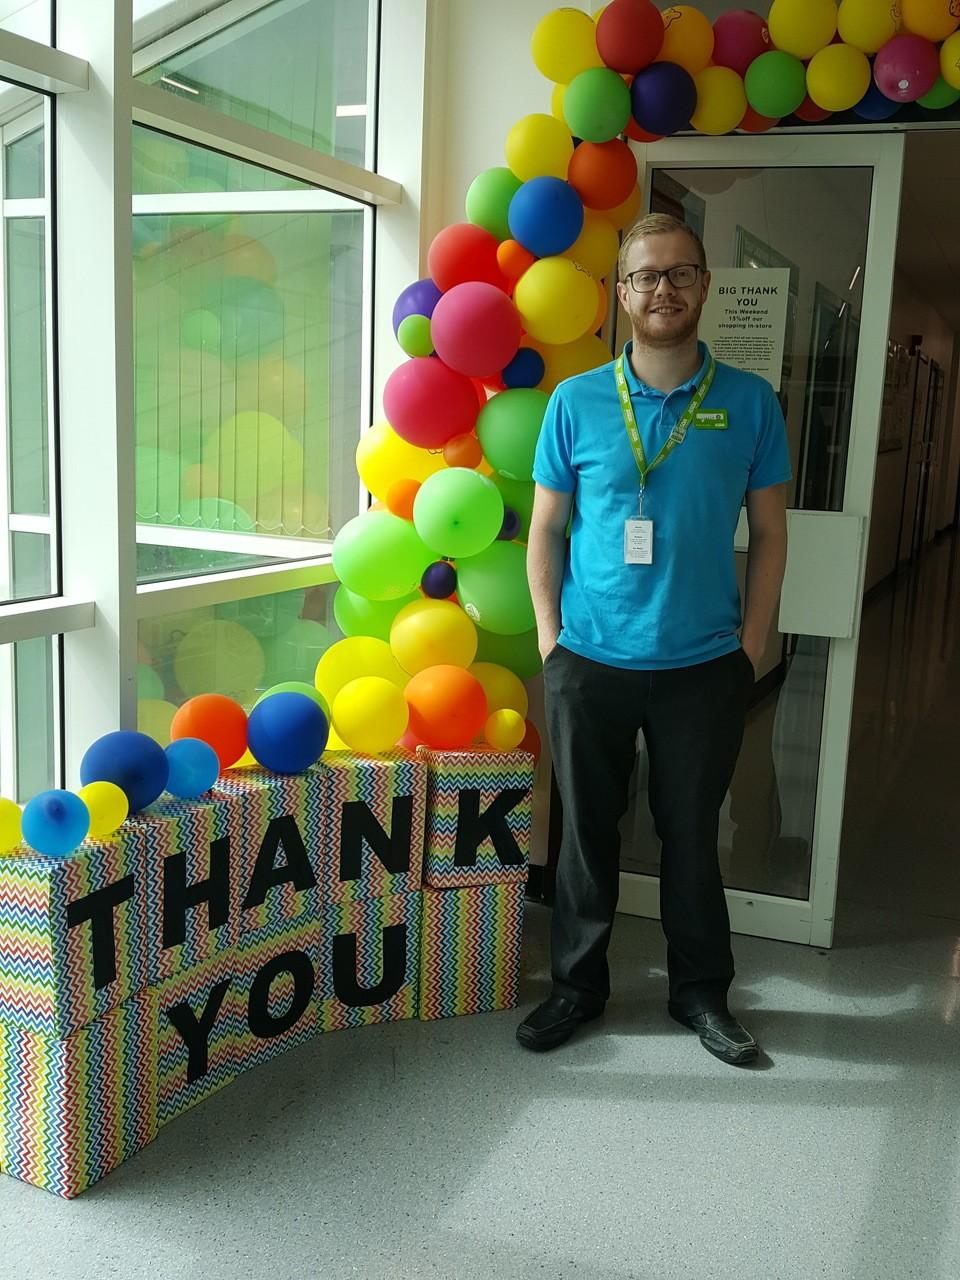 A big thank you to our colleagues | Asda Toryglen